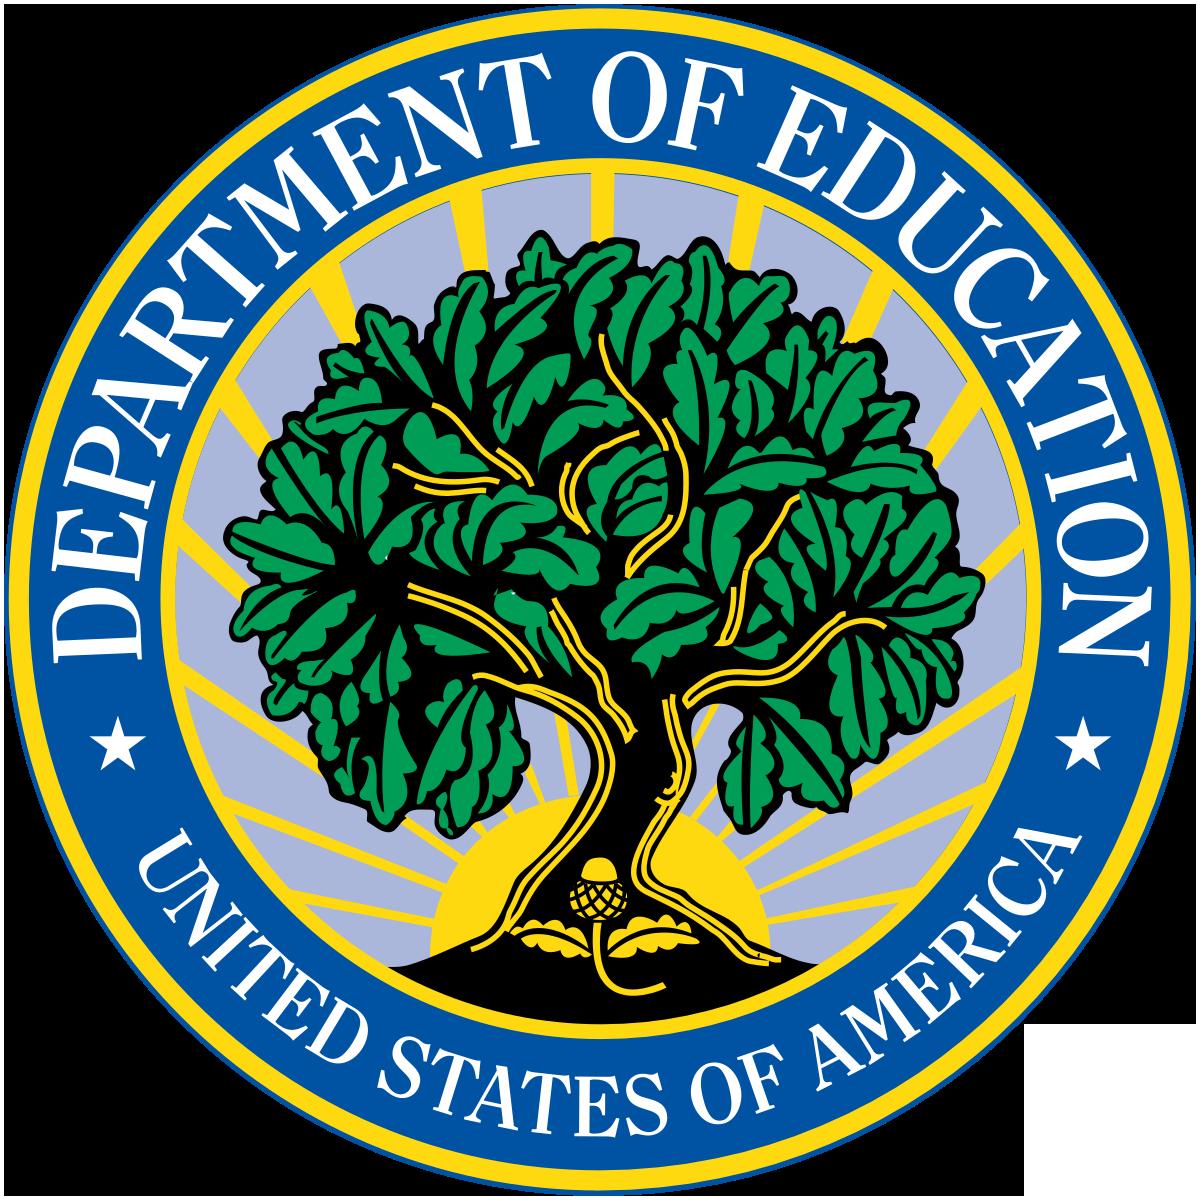 Dept_Ed_logo